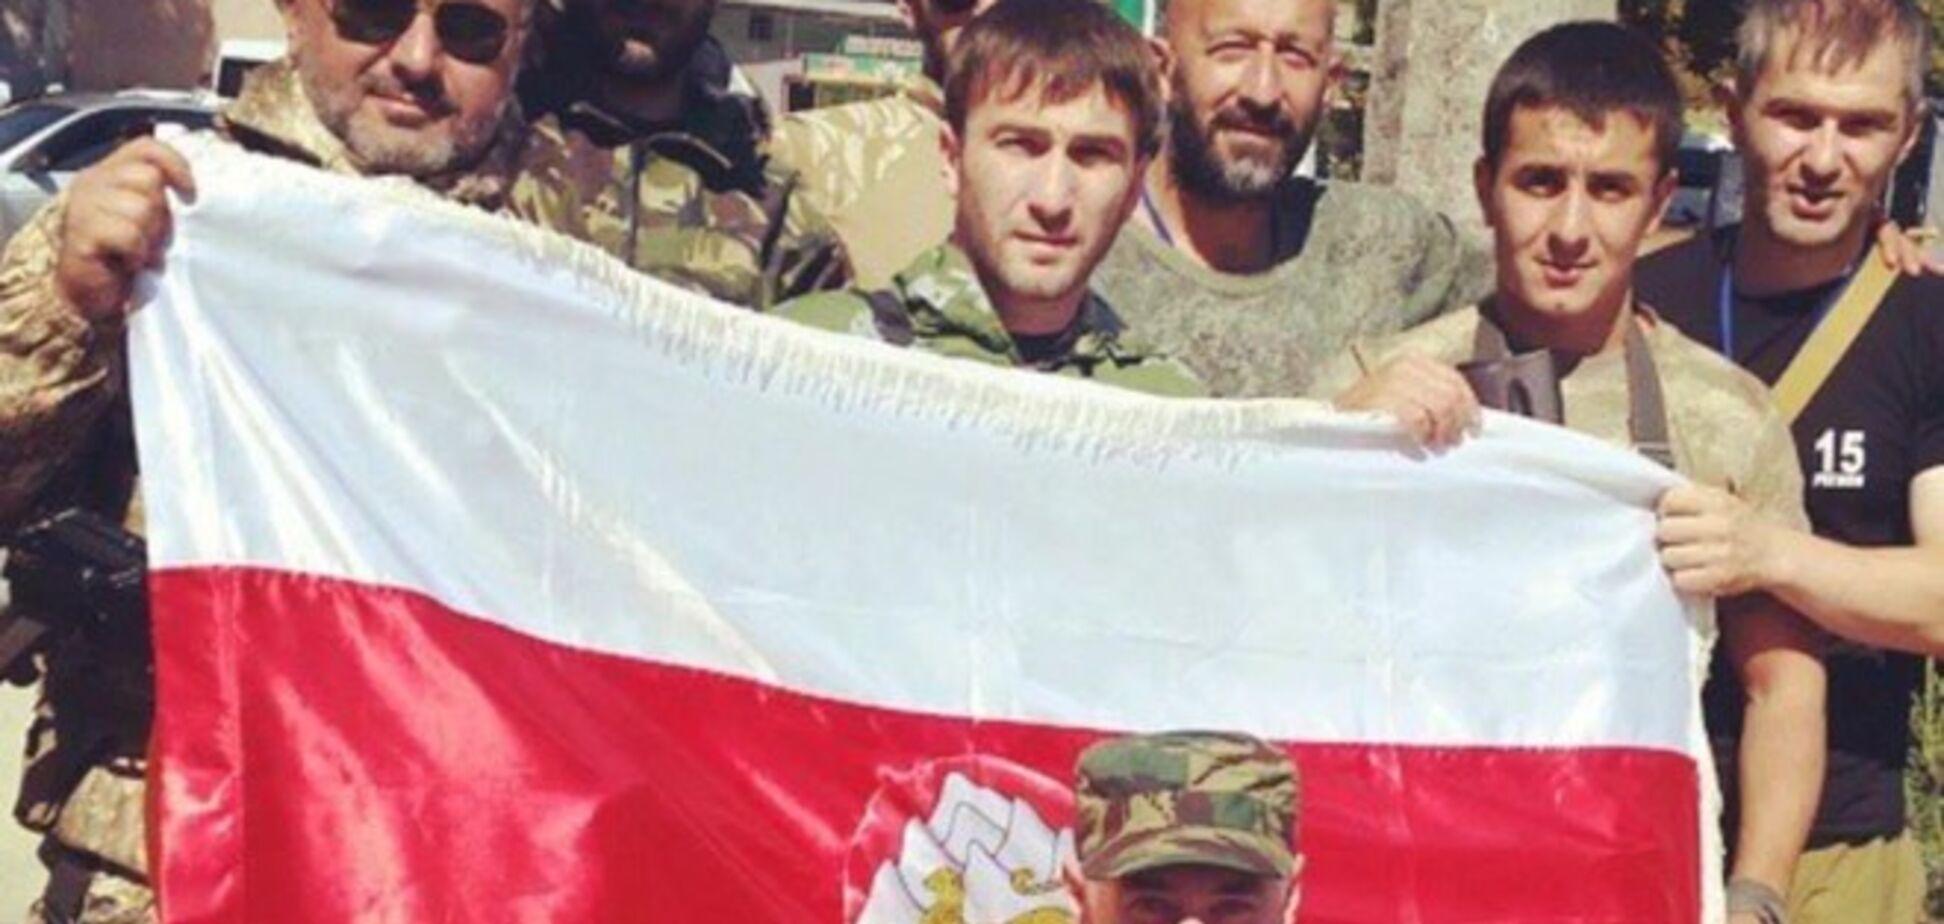 Разборки непризнанных: полицаи 'ДНР' задержали осетинских боевиков за неподчинение